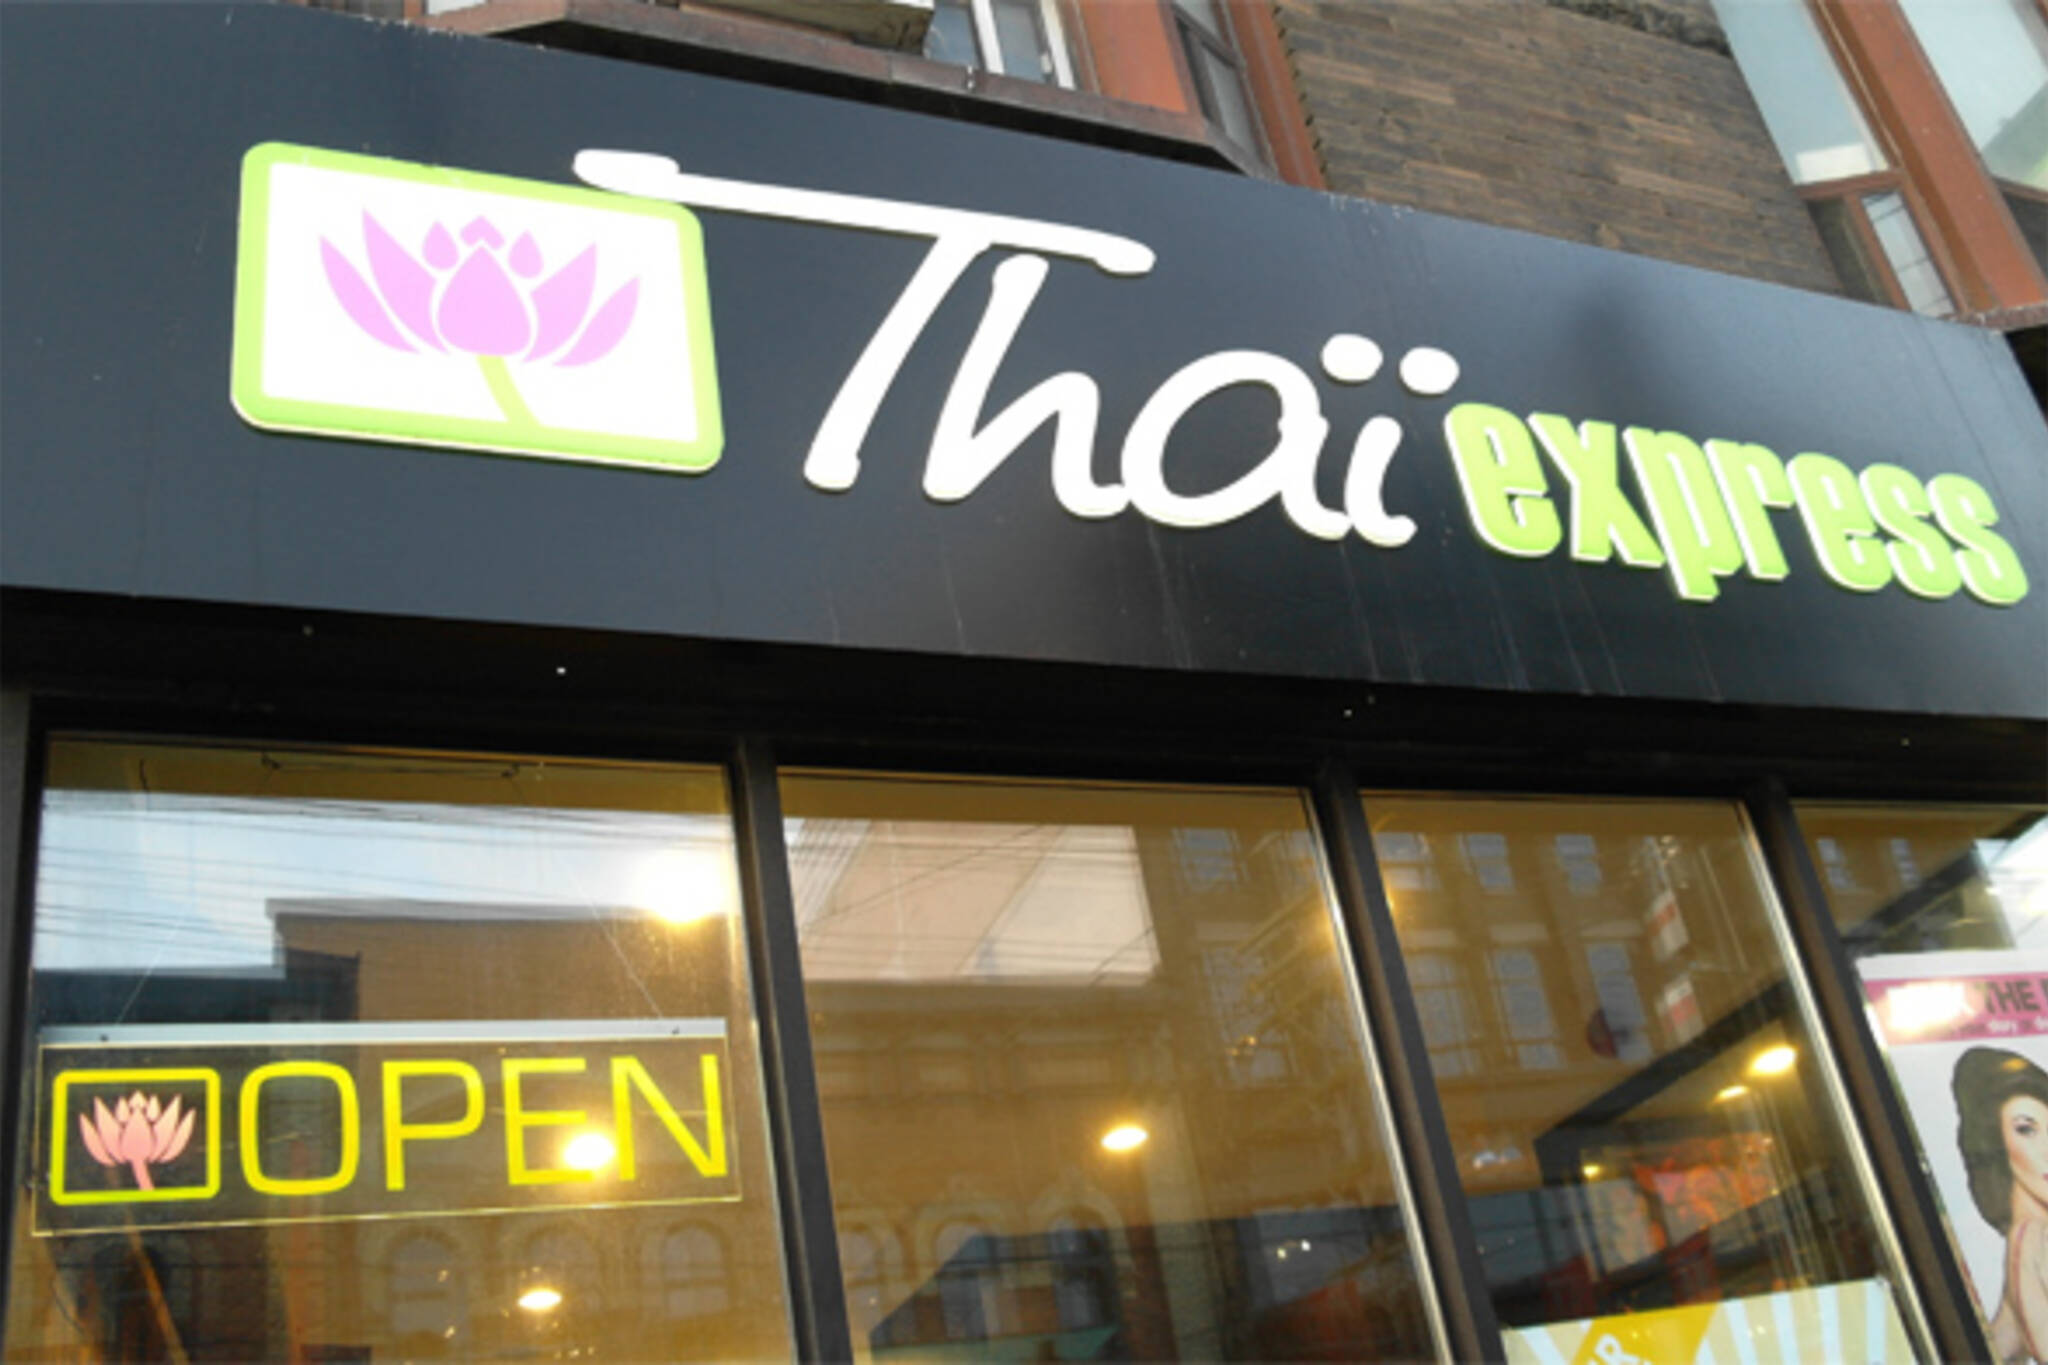 Thai Express Toronto